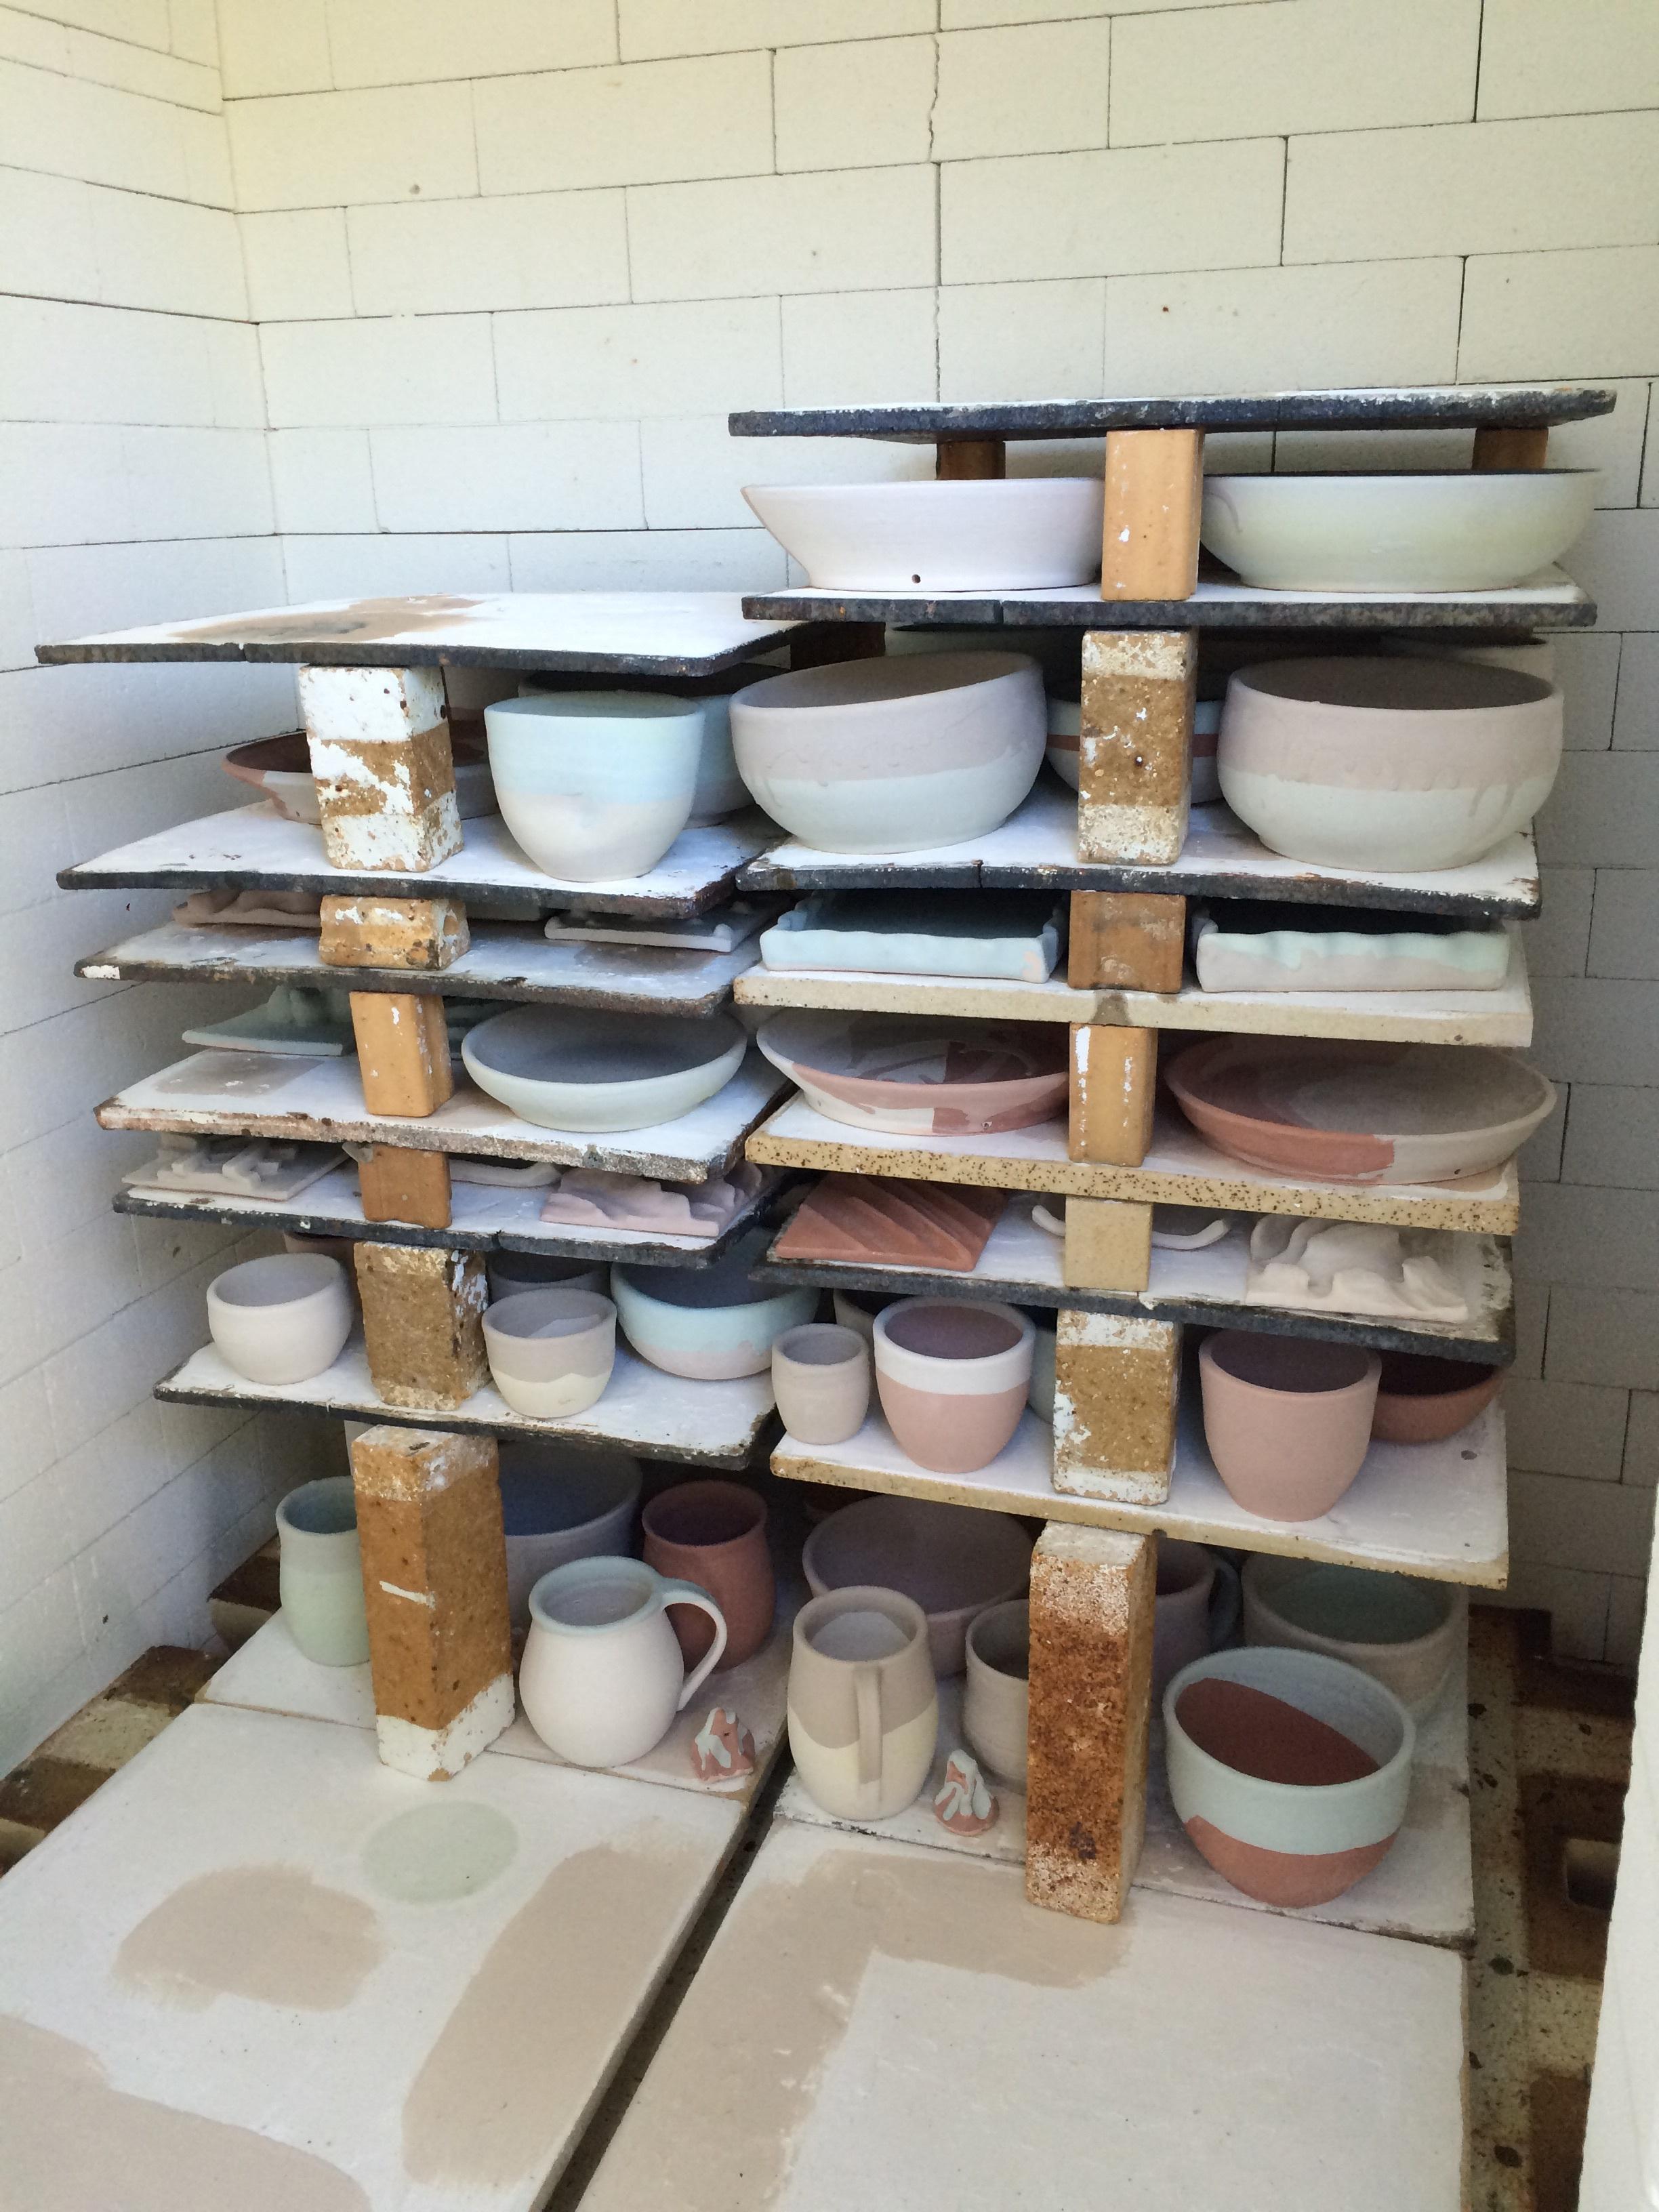 Partially loaded kiln